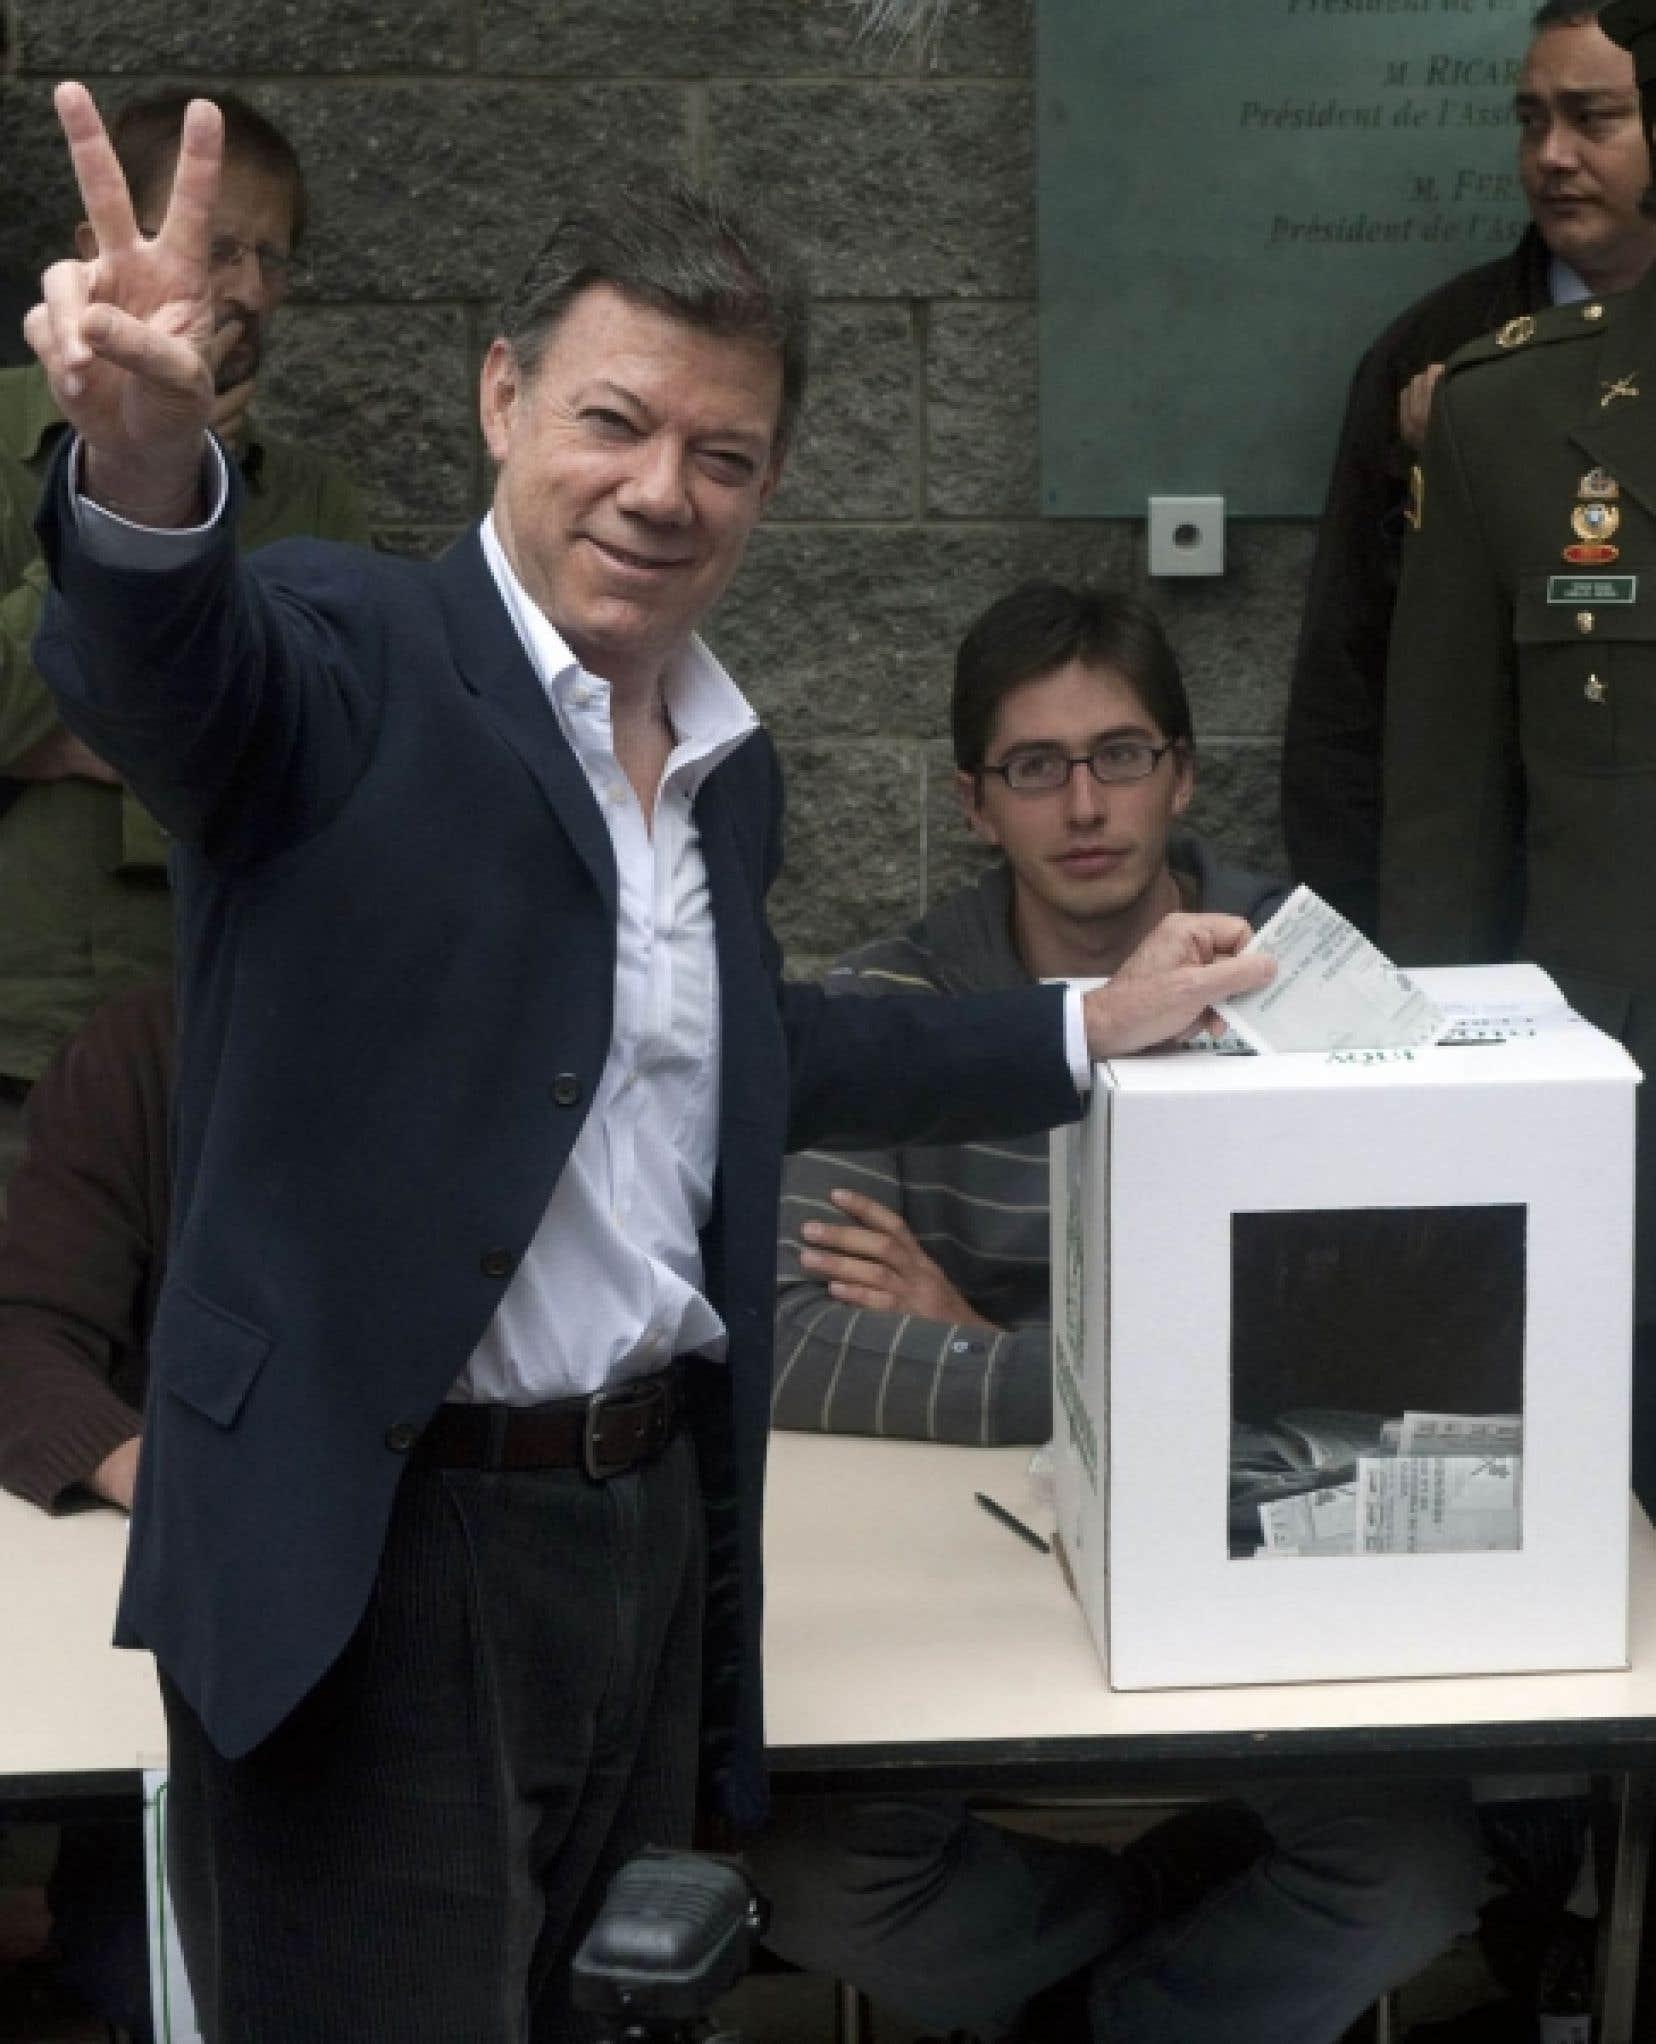 Le candidat du parti social d'union nationale à la présidentielle, Juan-Manuel Santos, a obtenu  69 % des suffrages avec plus de 8,9 millions de voix.